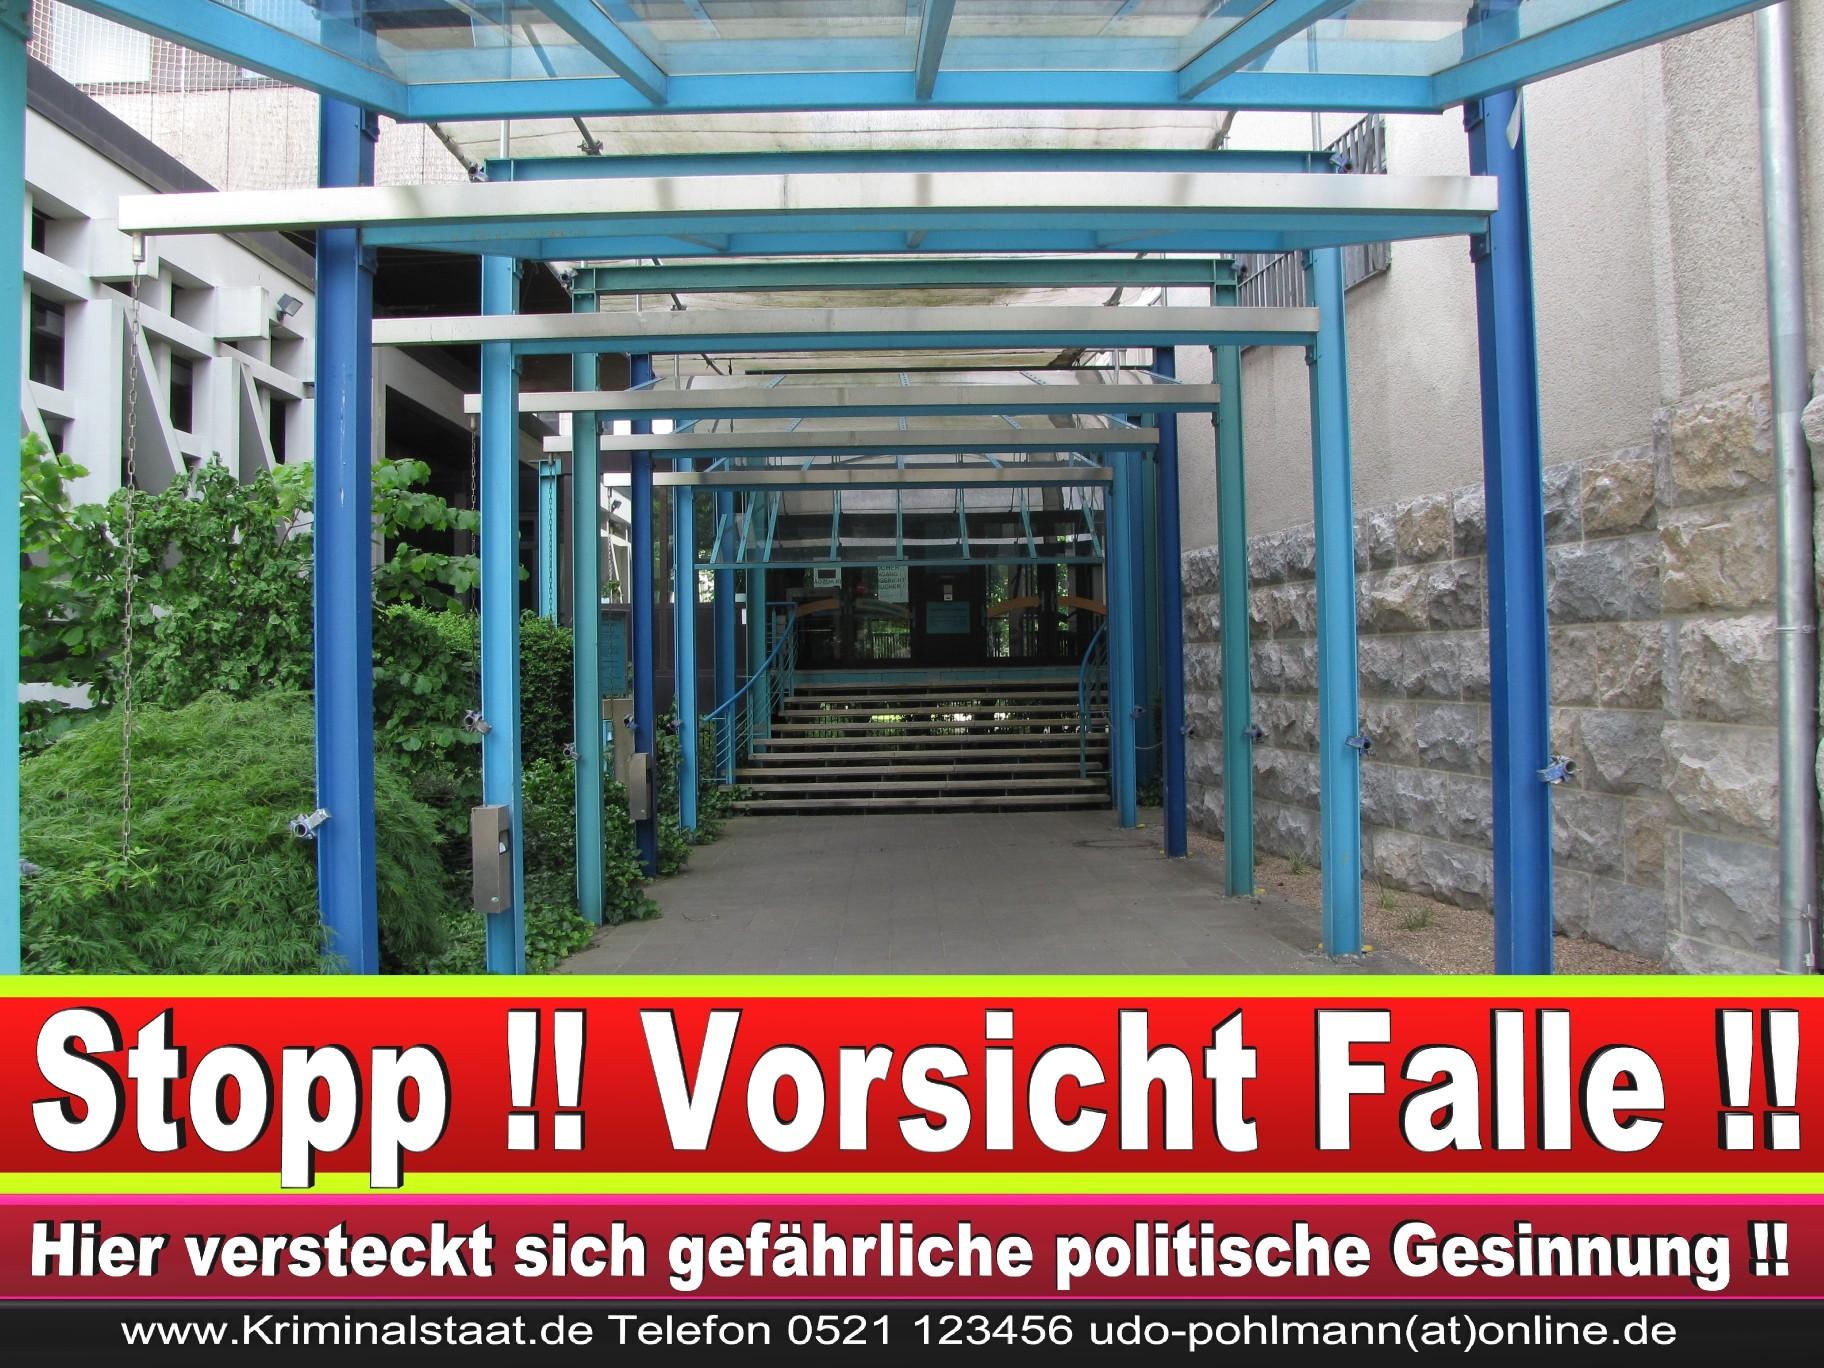 CDU Landgericht Bielefeld Landgerichtspräsident Klaus Petermann Hochstraße Bünde Jens Gnisa Richterbund Richtervereinigung 34